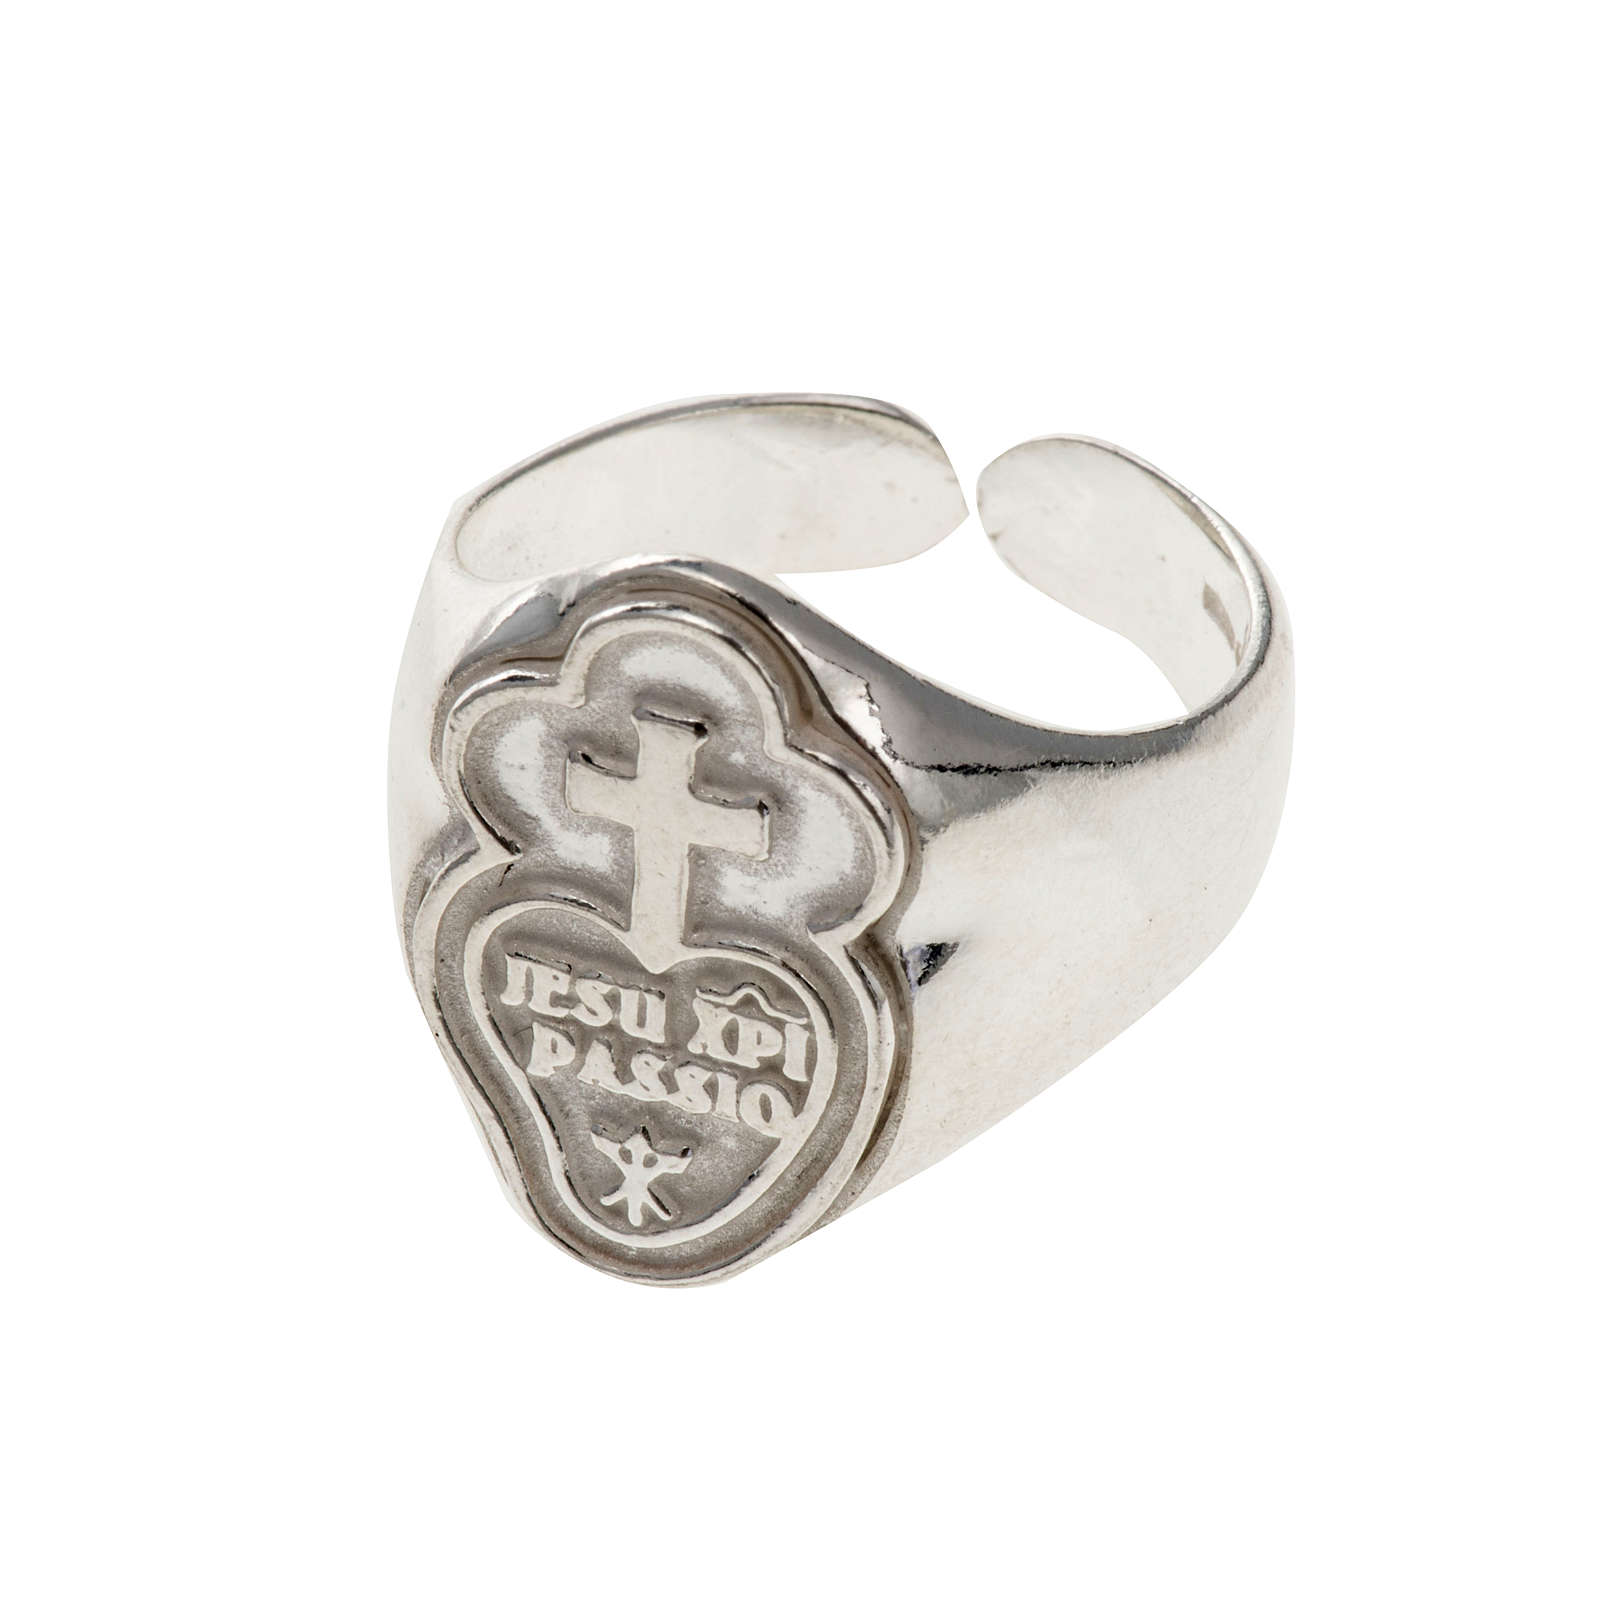 Anello episcopale argento 800 dei Passionisti 3